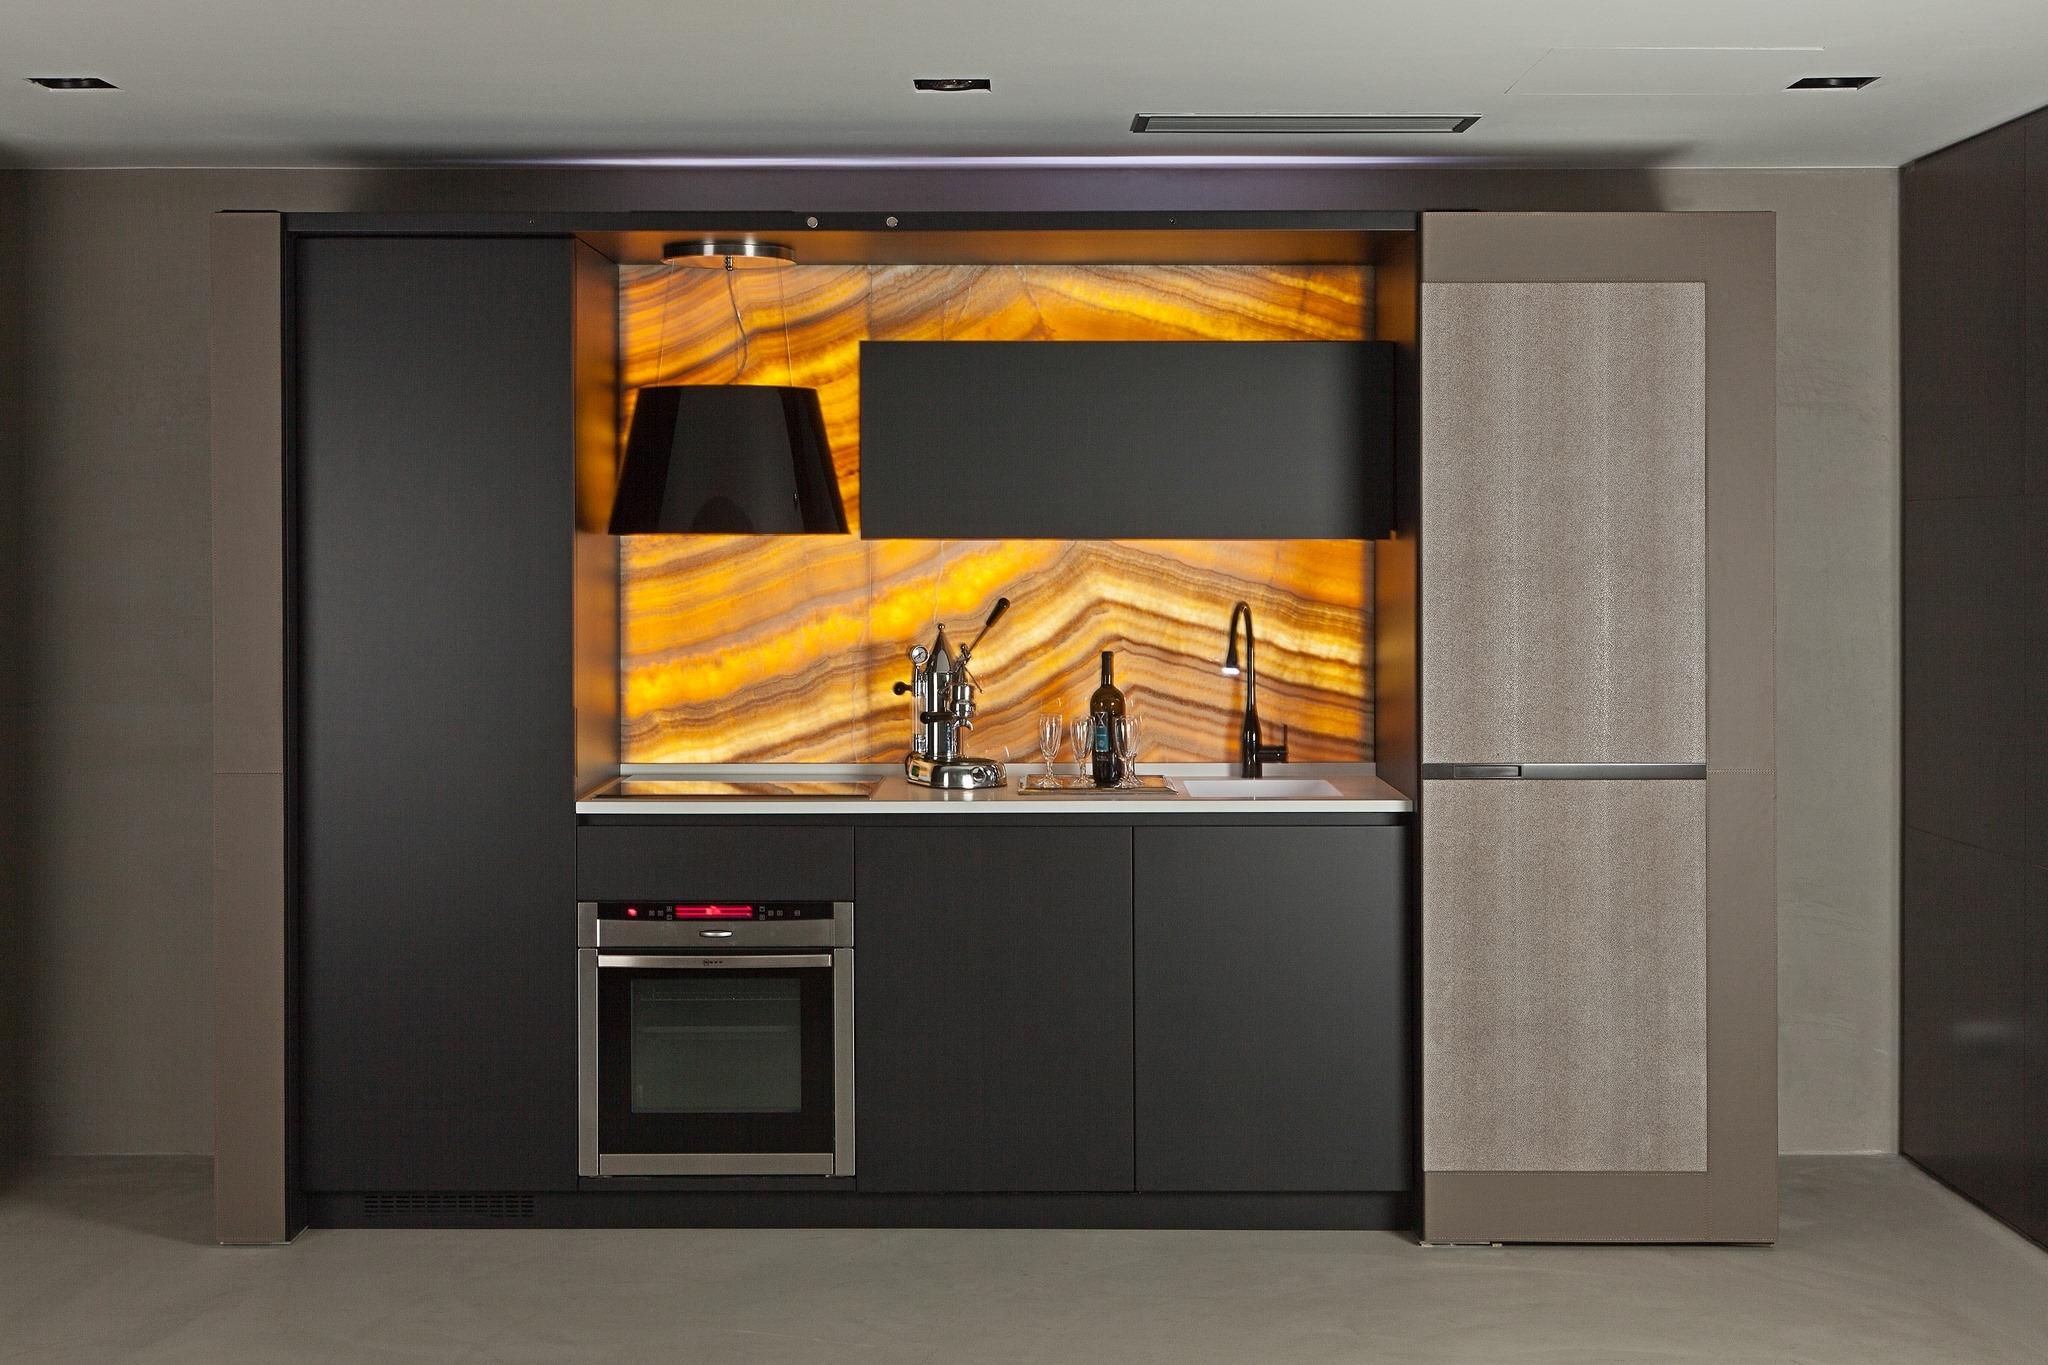 Quintessence cucina electra design cucine a prezzi scontati - Cucina a scomparsa prezzi ...